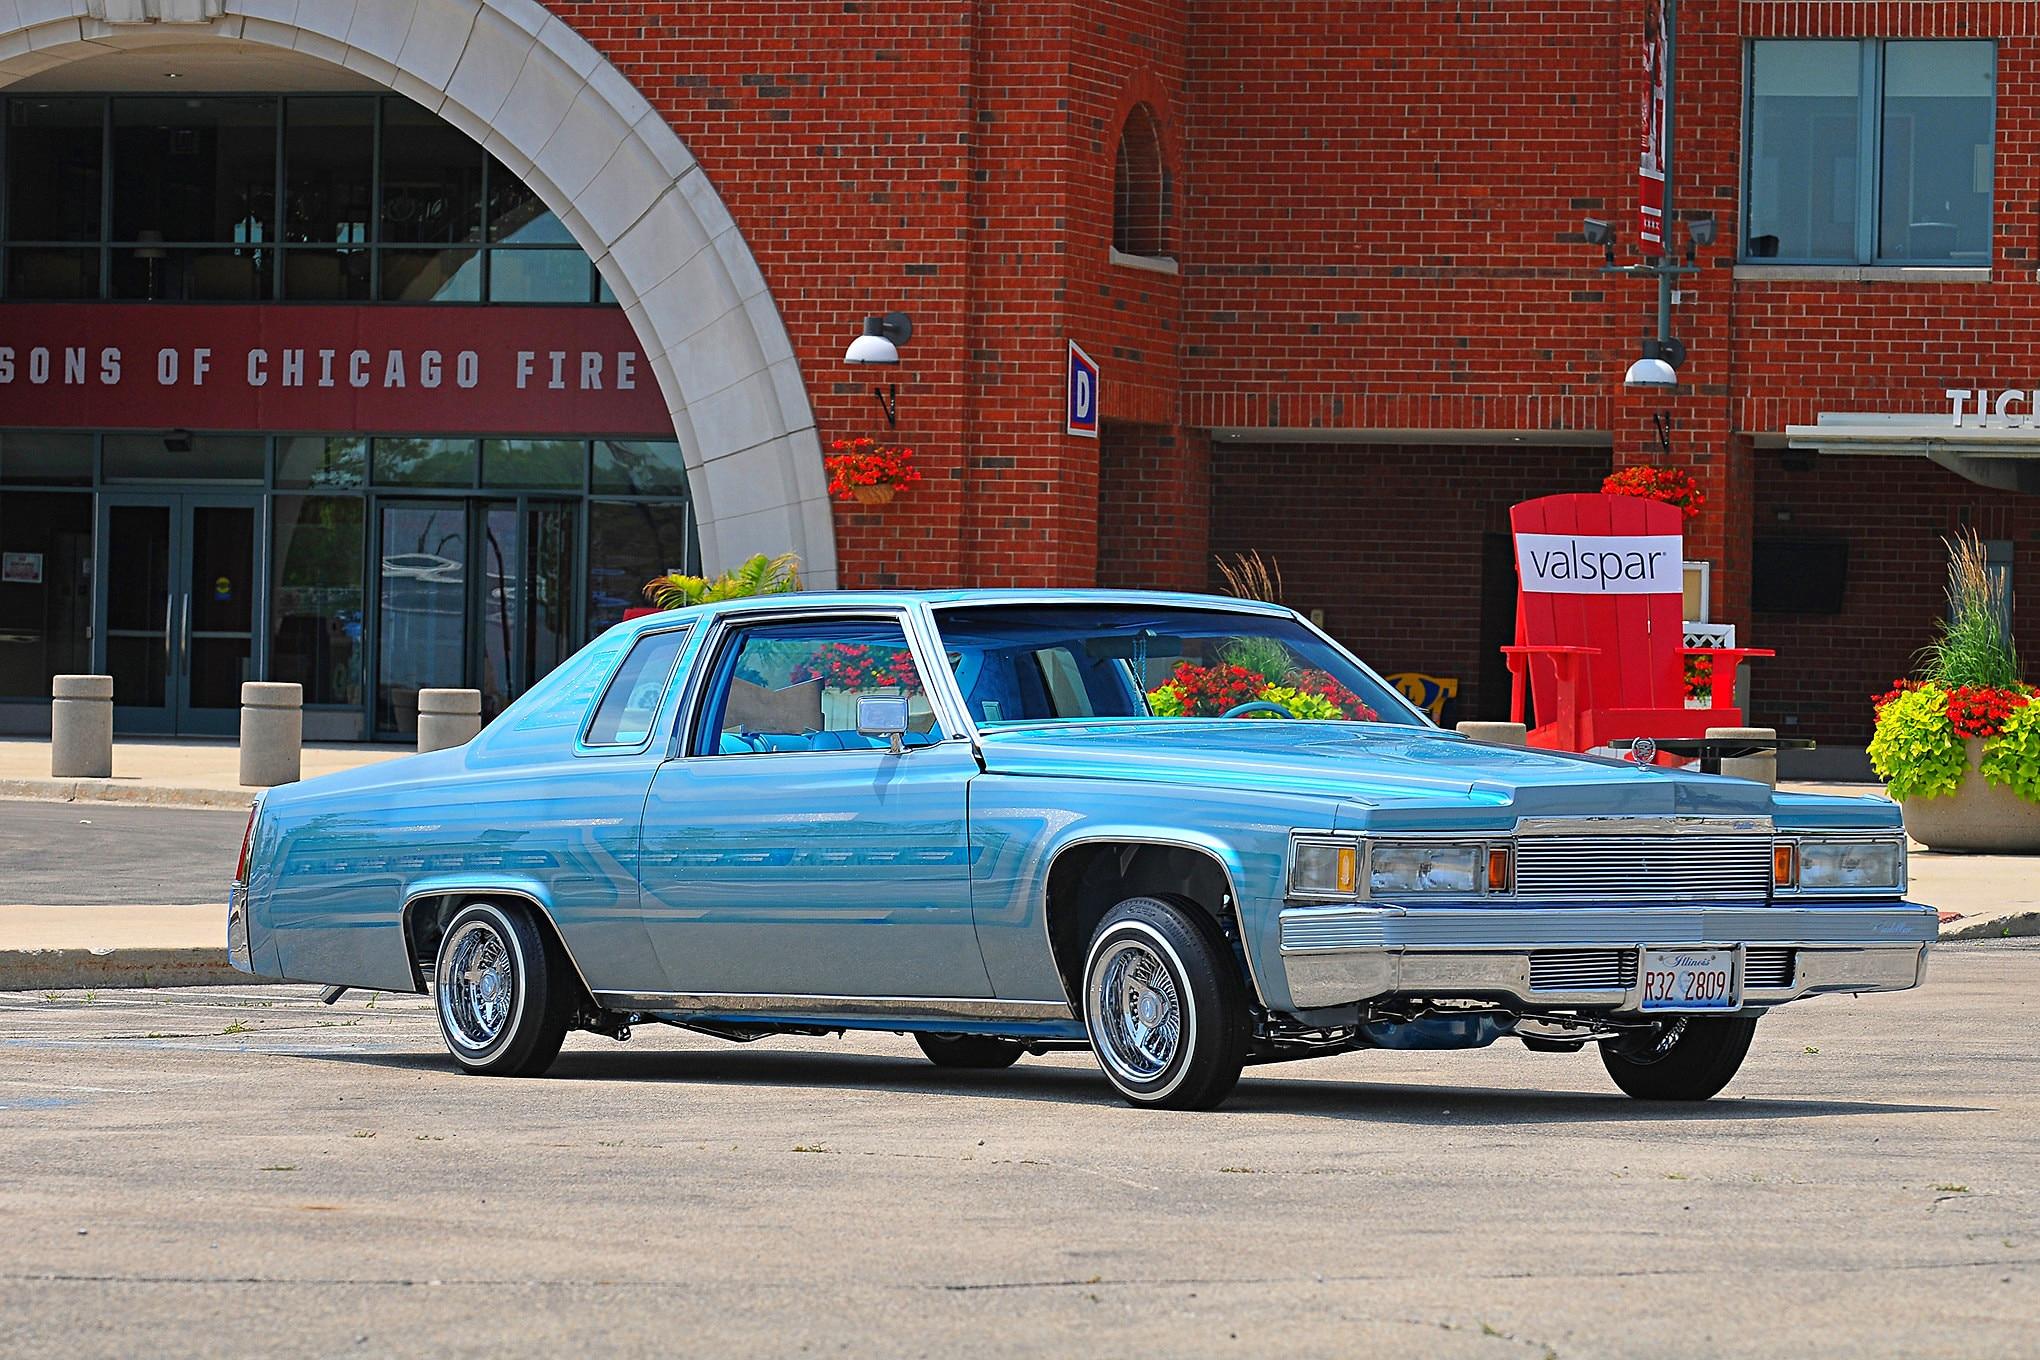 1977 Cadillac Coupe De Ville - Seeing Dreams